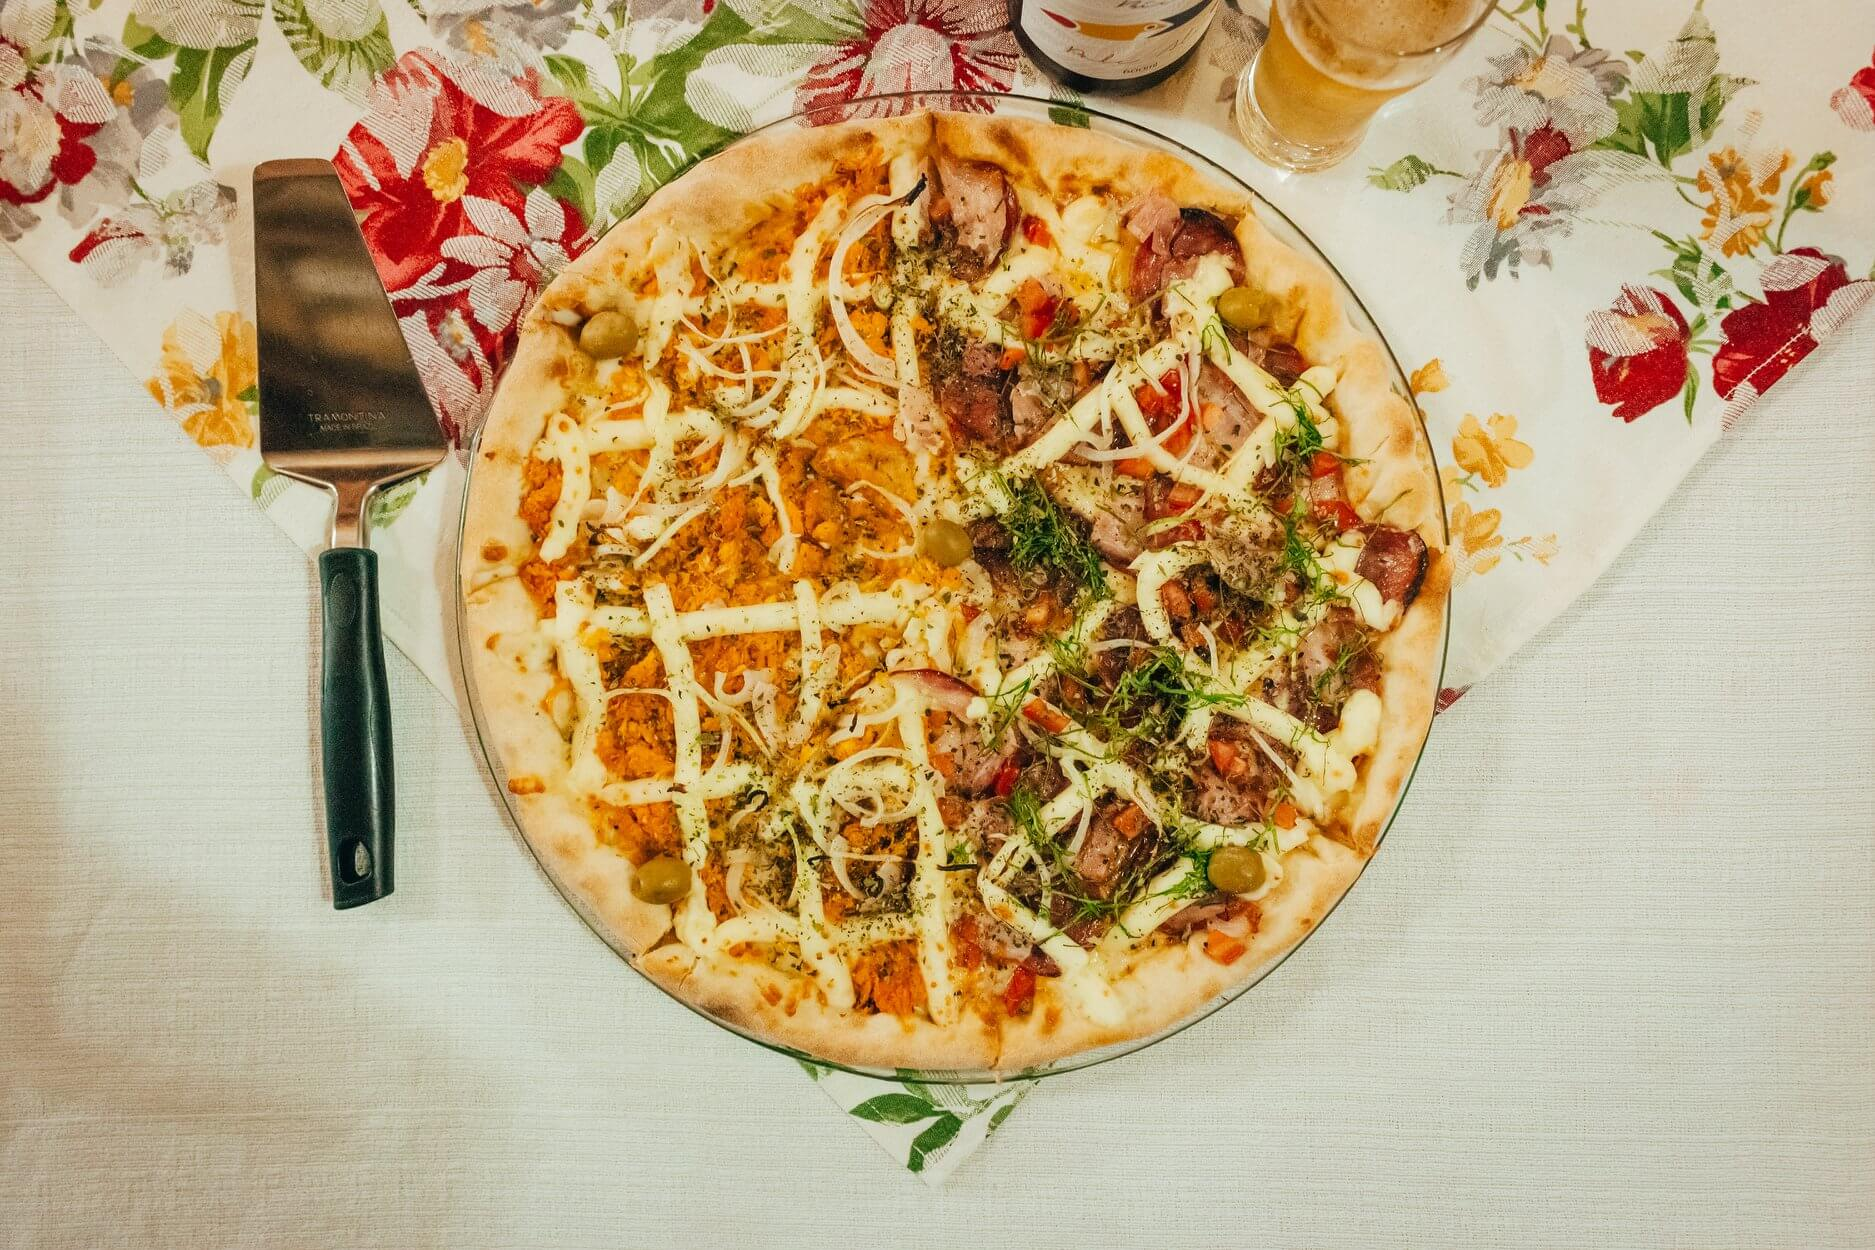 Pizzarias Juiz de Fora - Tuc's Pizza